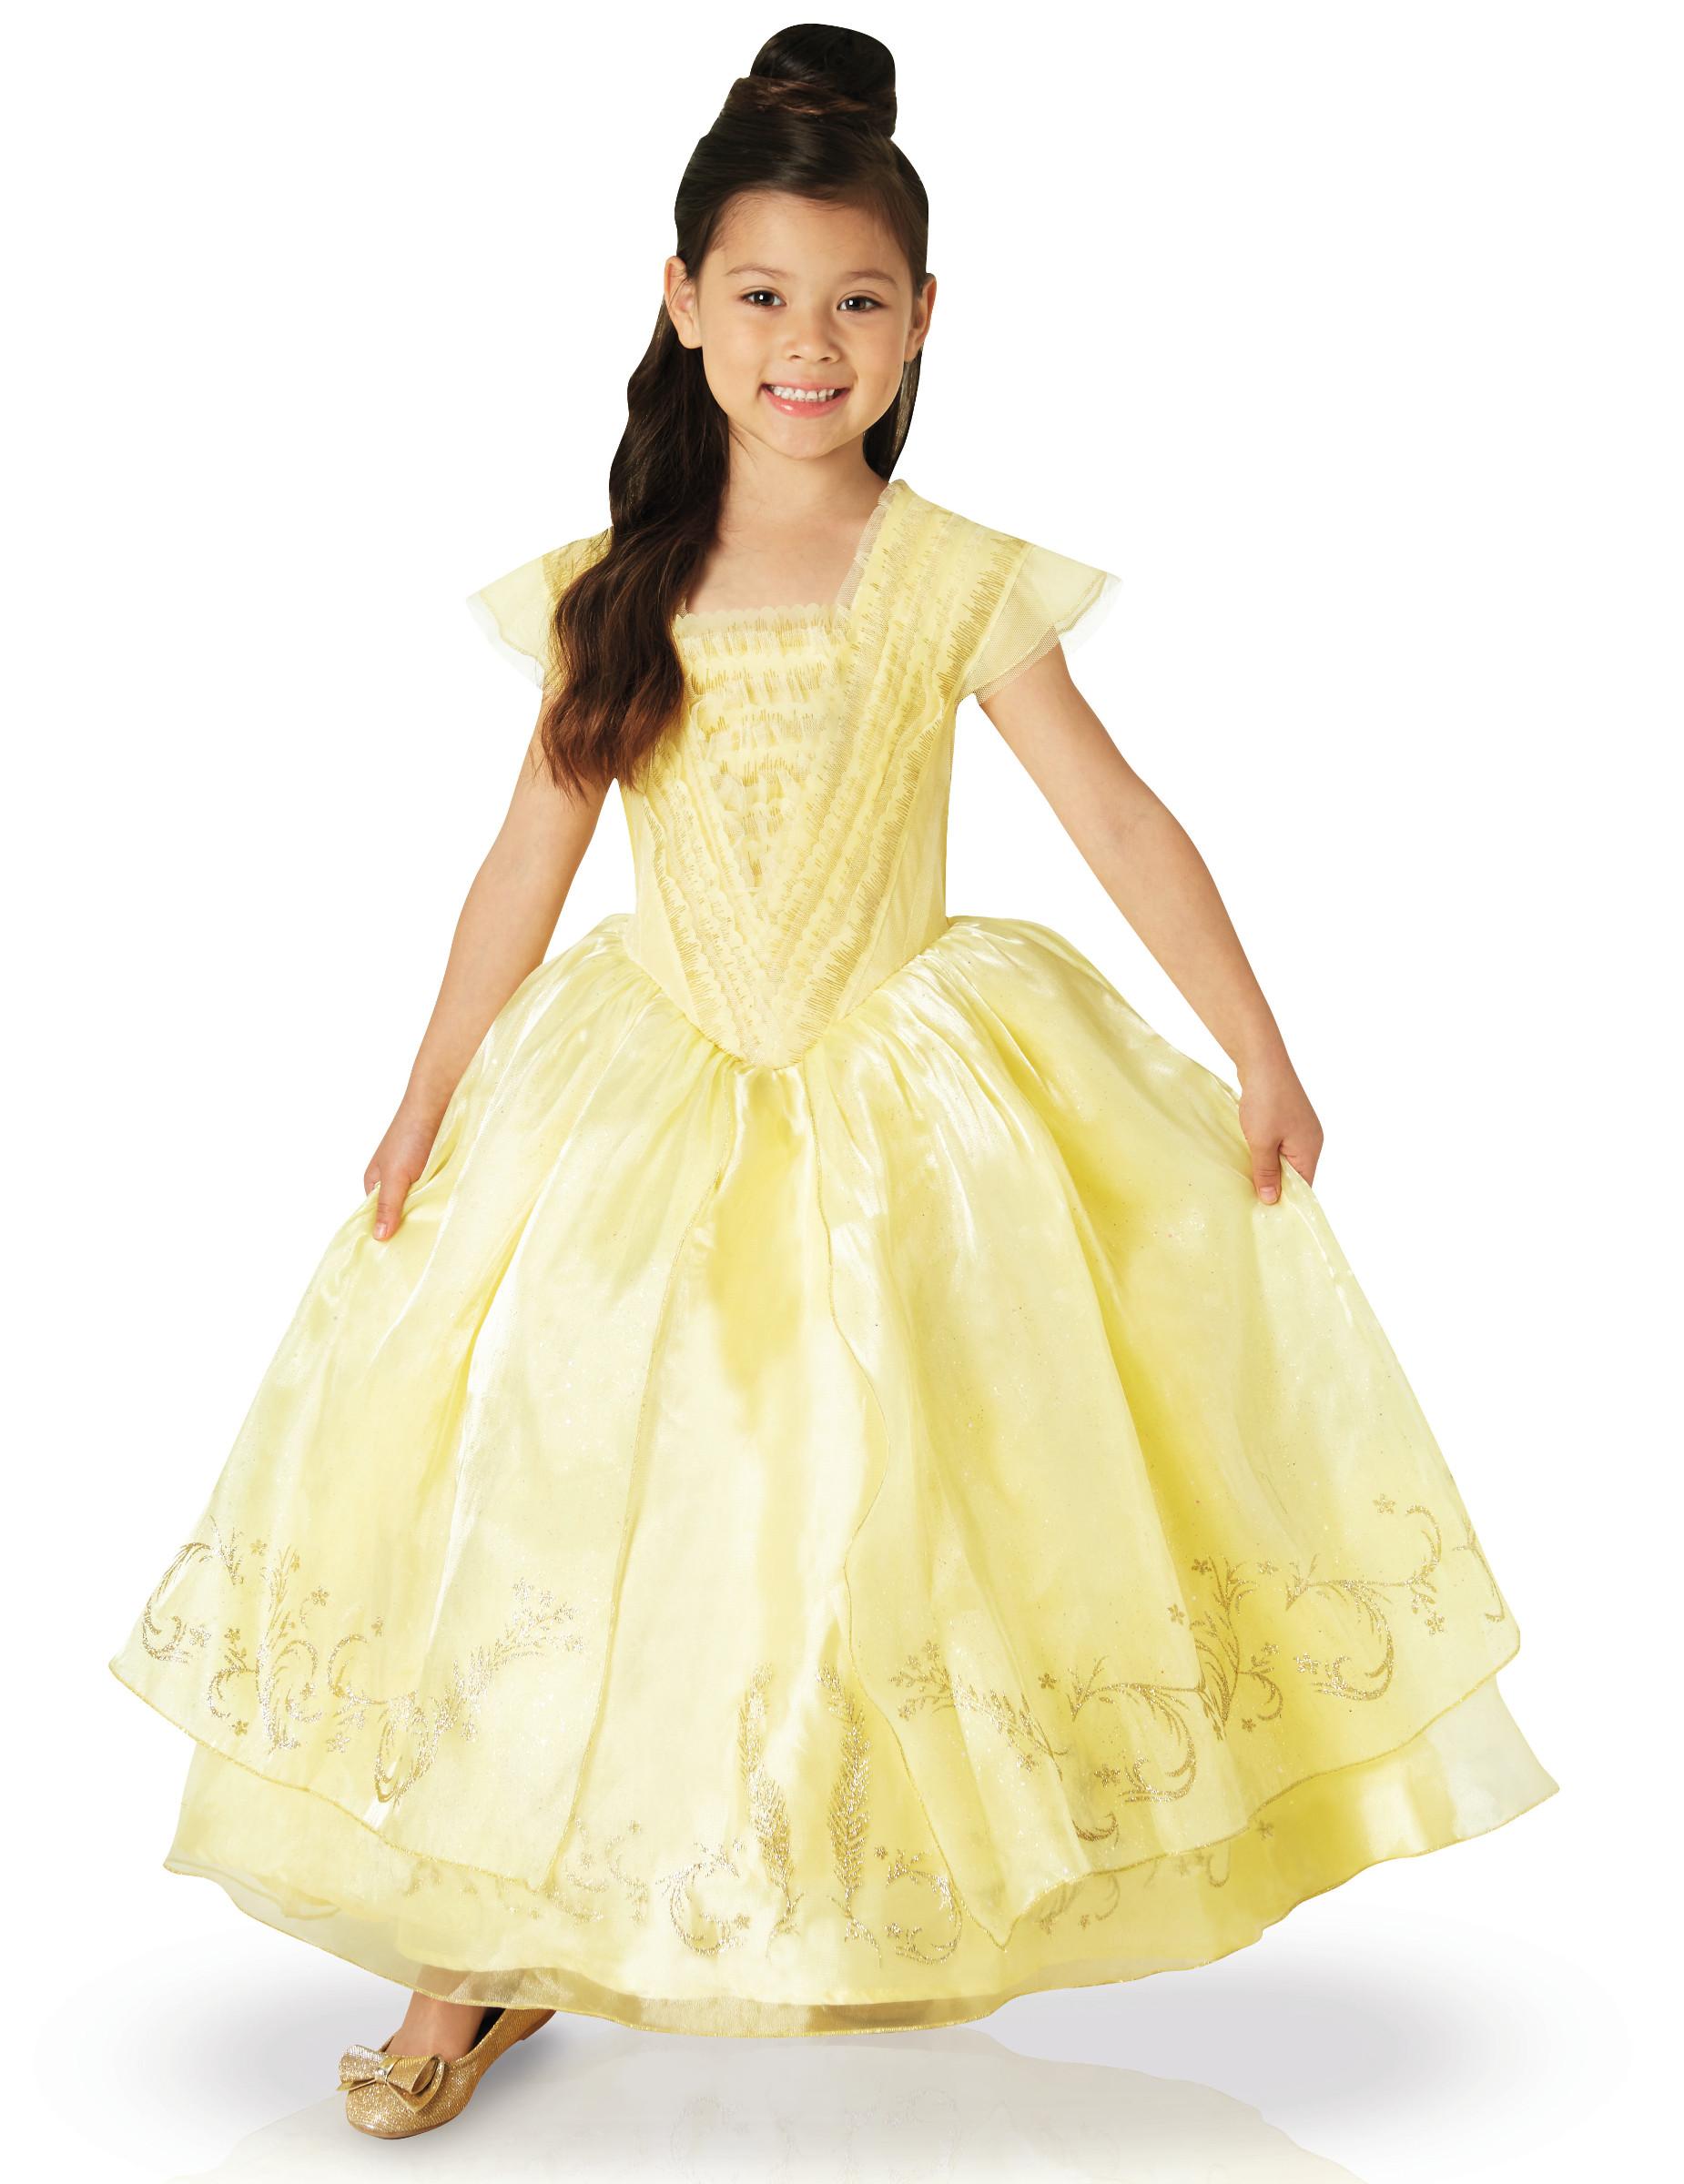 belle costume bambina  Costume Bella™ per bambina: Costumi bambini,e vestiti di carnevale ...